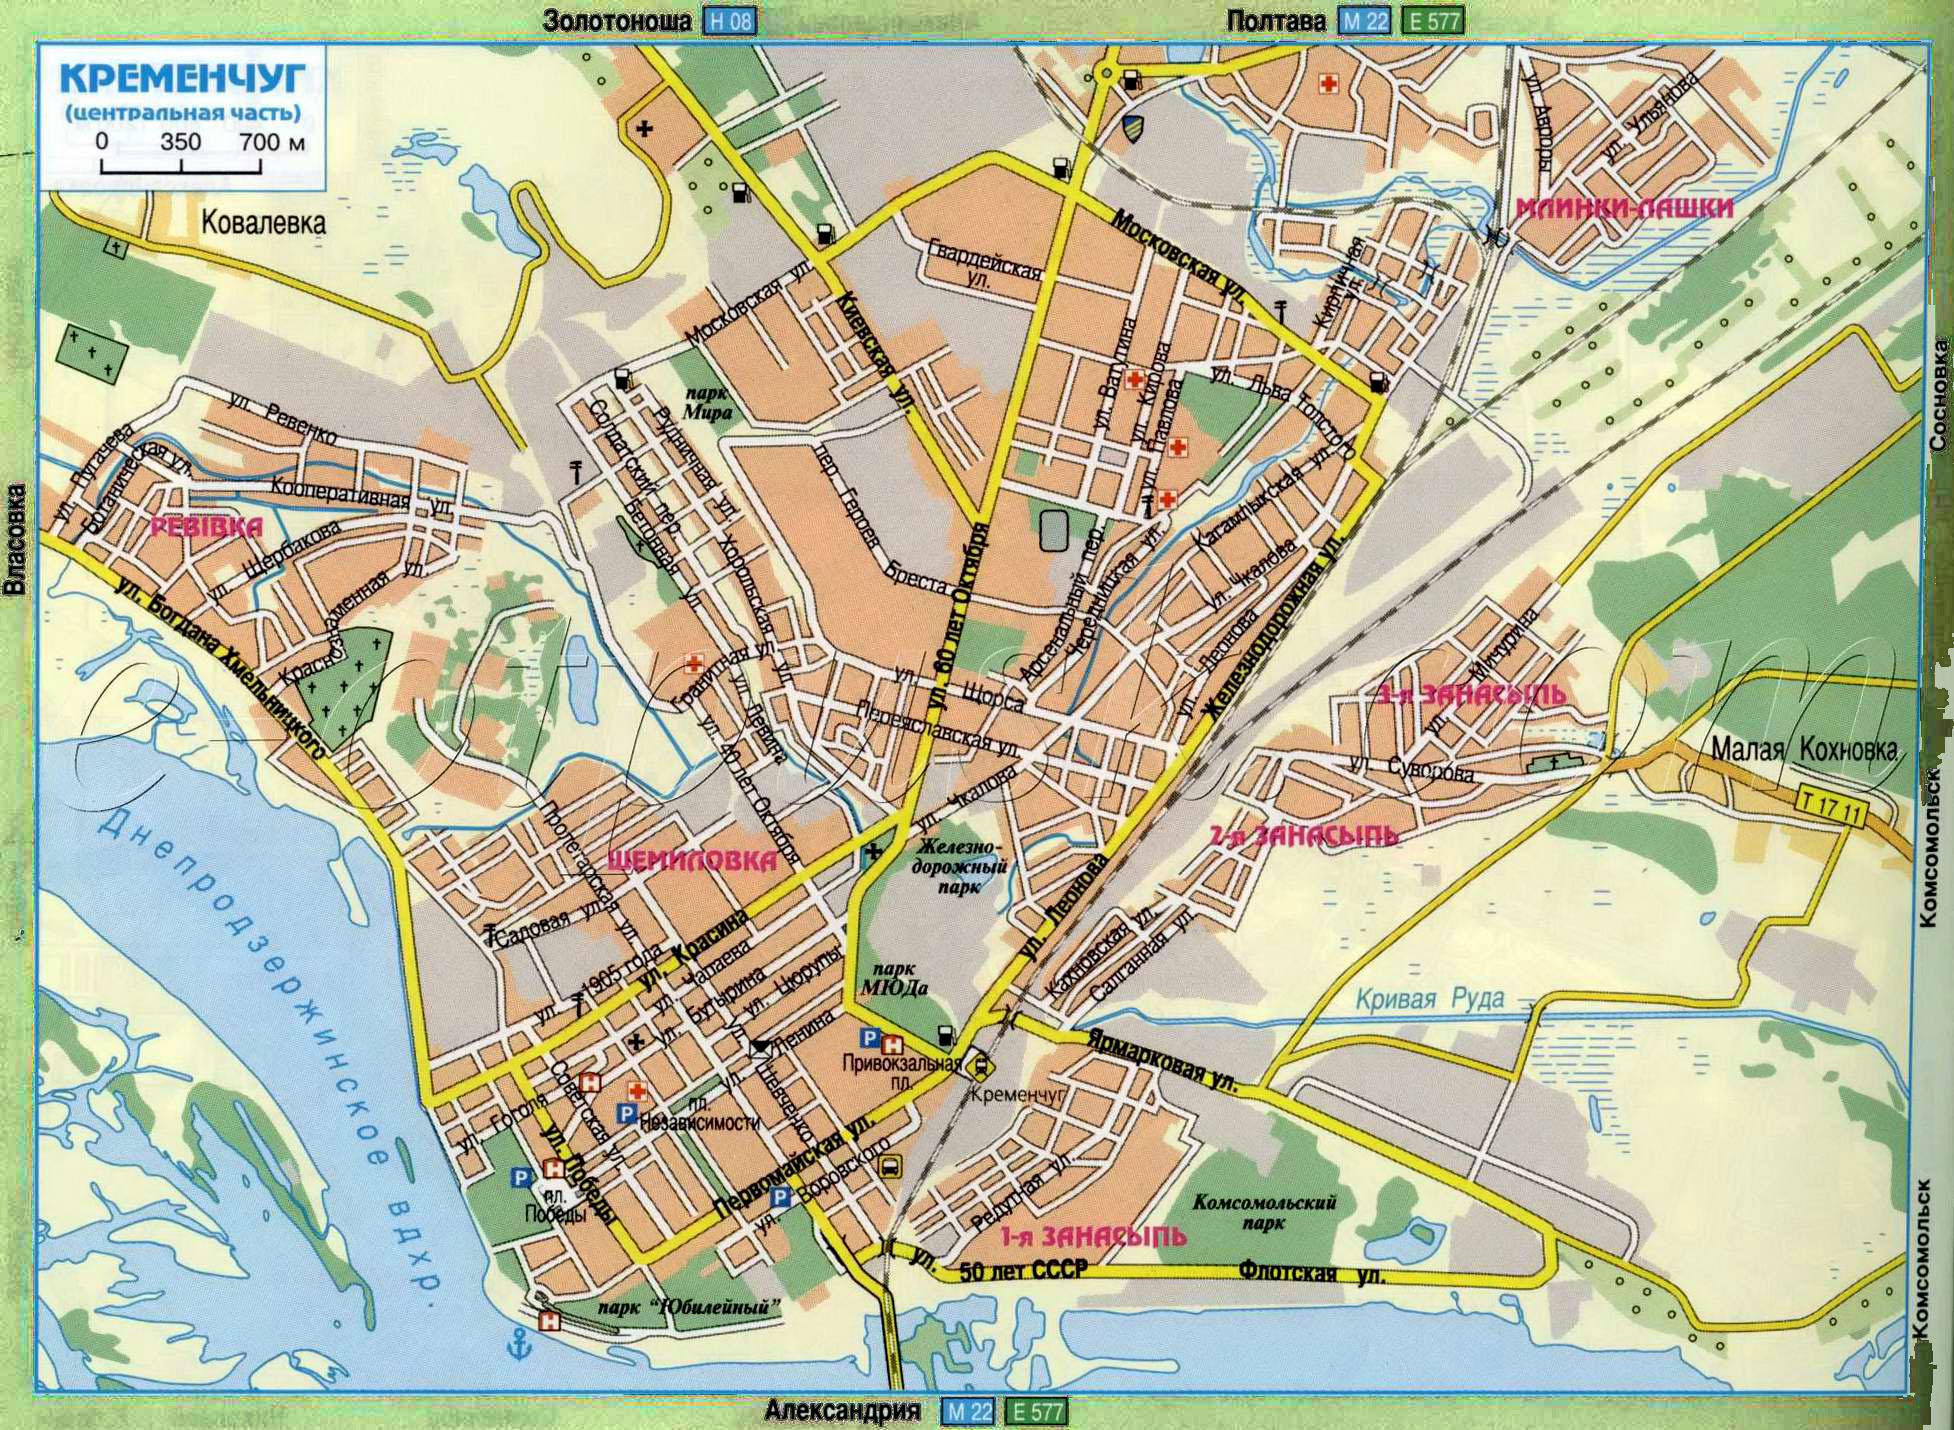 Карта города Кременчуга в Полтавской области: http://poltava-obl.ru/index.php?file=map_kremenchug